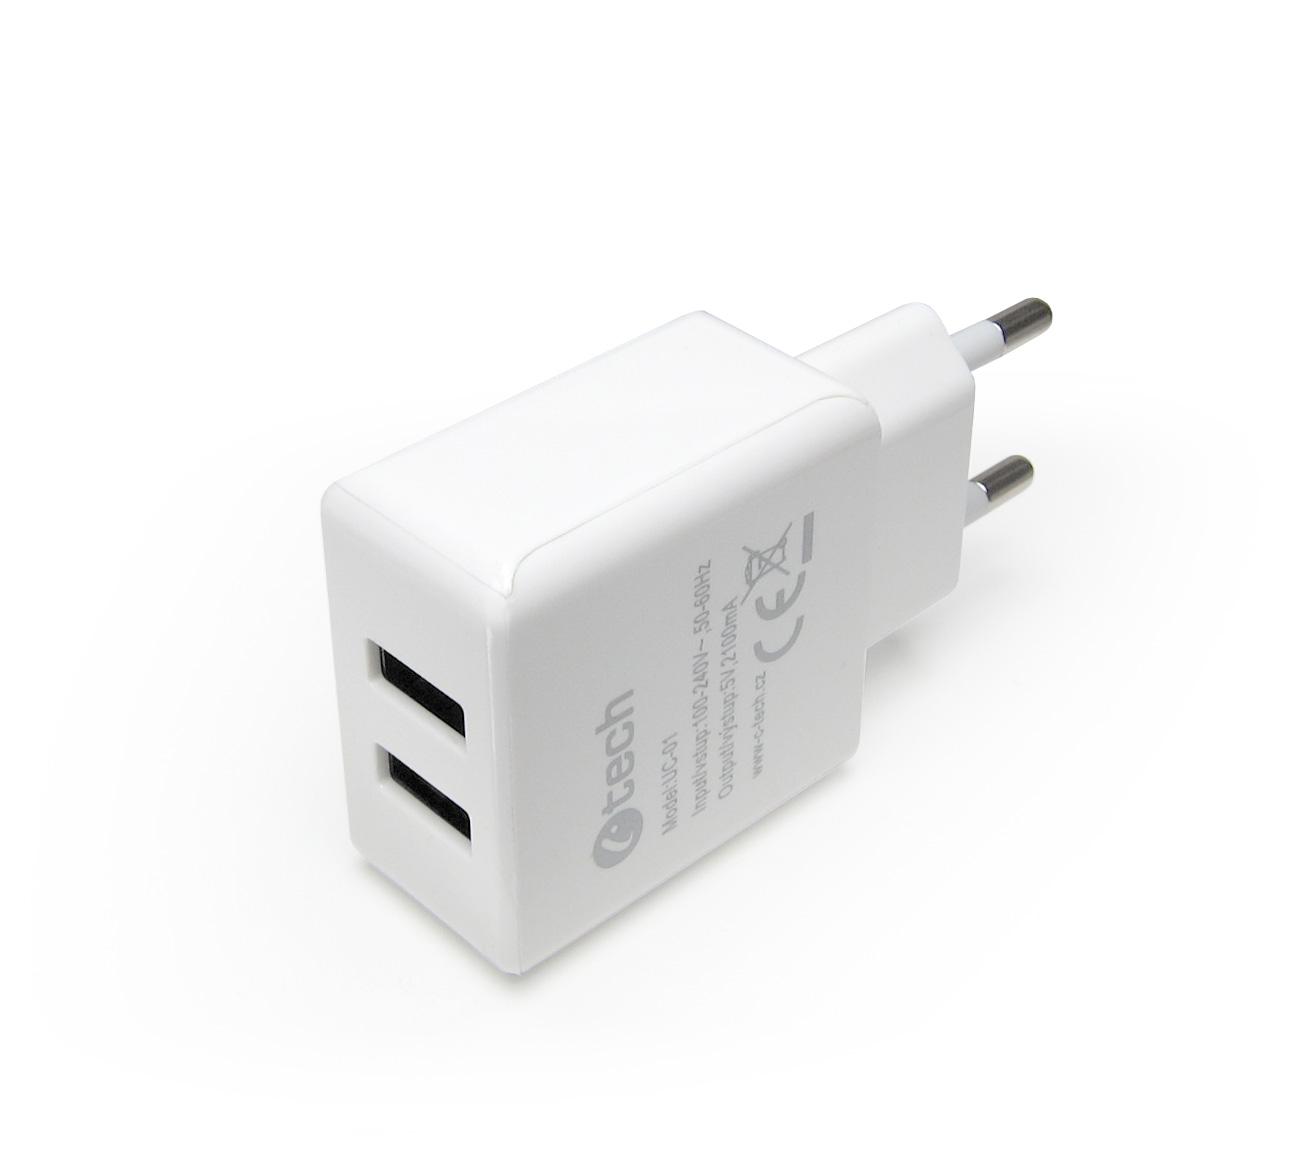 C-TECH Nabíječka USB UC-01, 2x USB, 2,1A, bílá